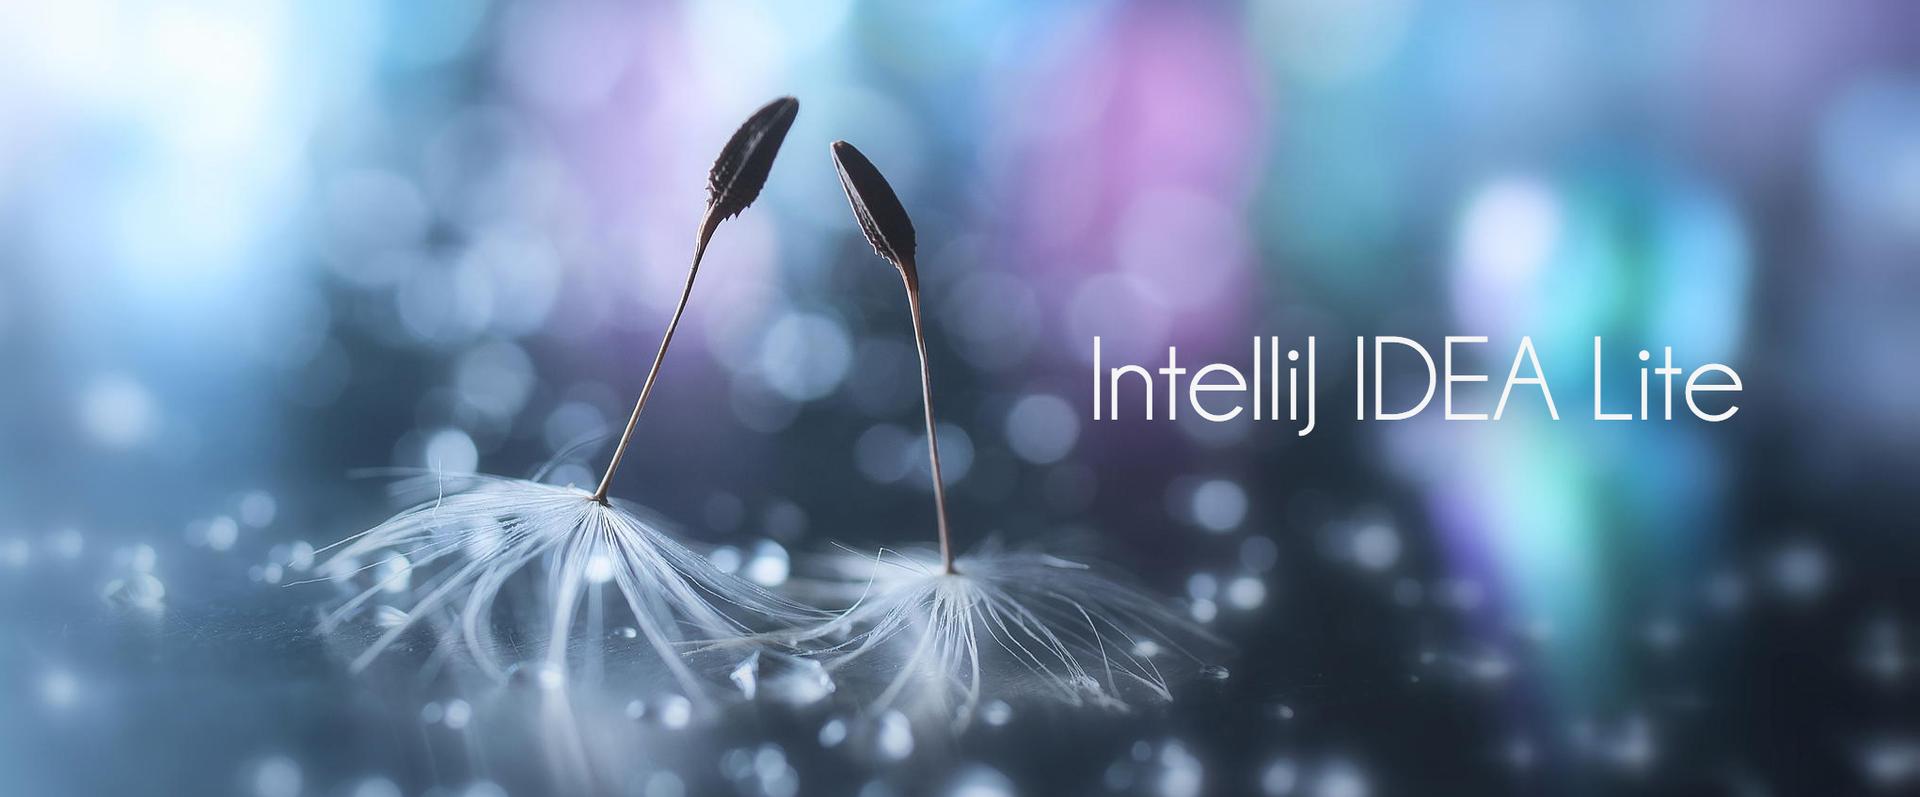 Что ждет IntelliJ IDEA впереди?